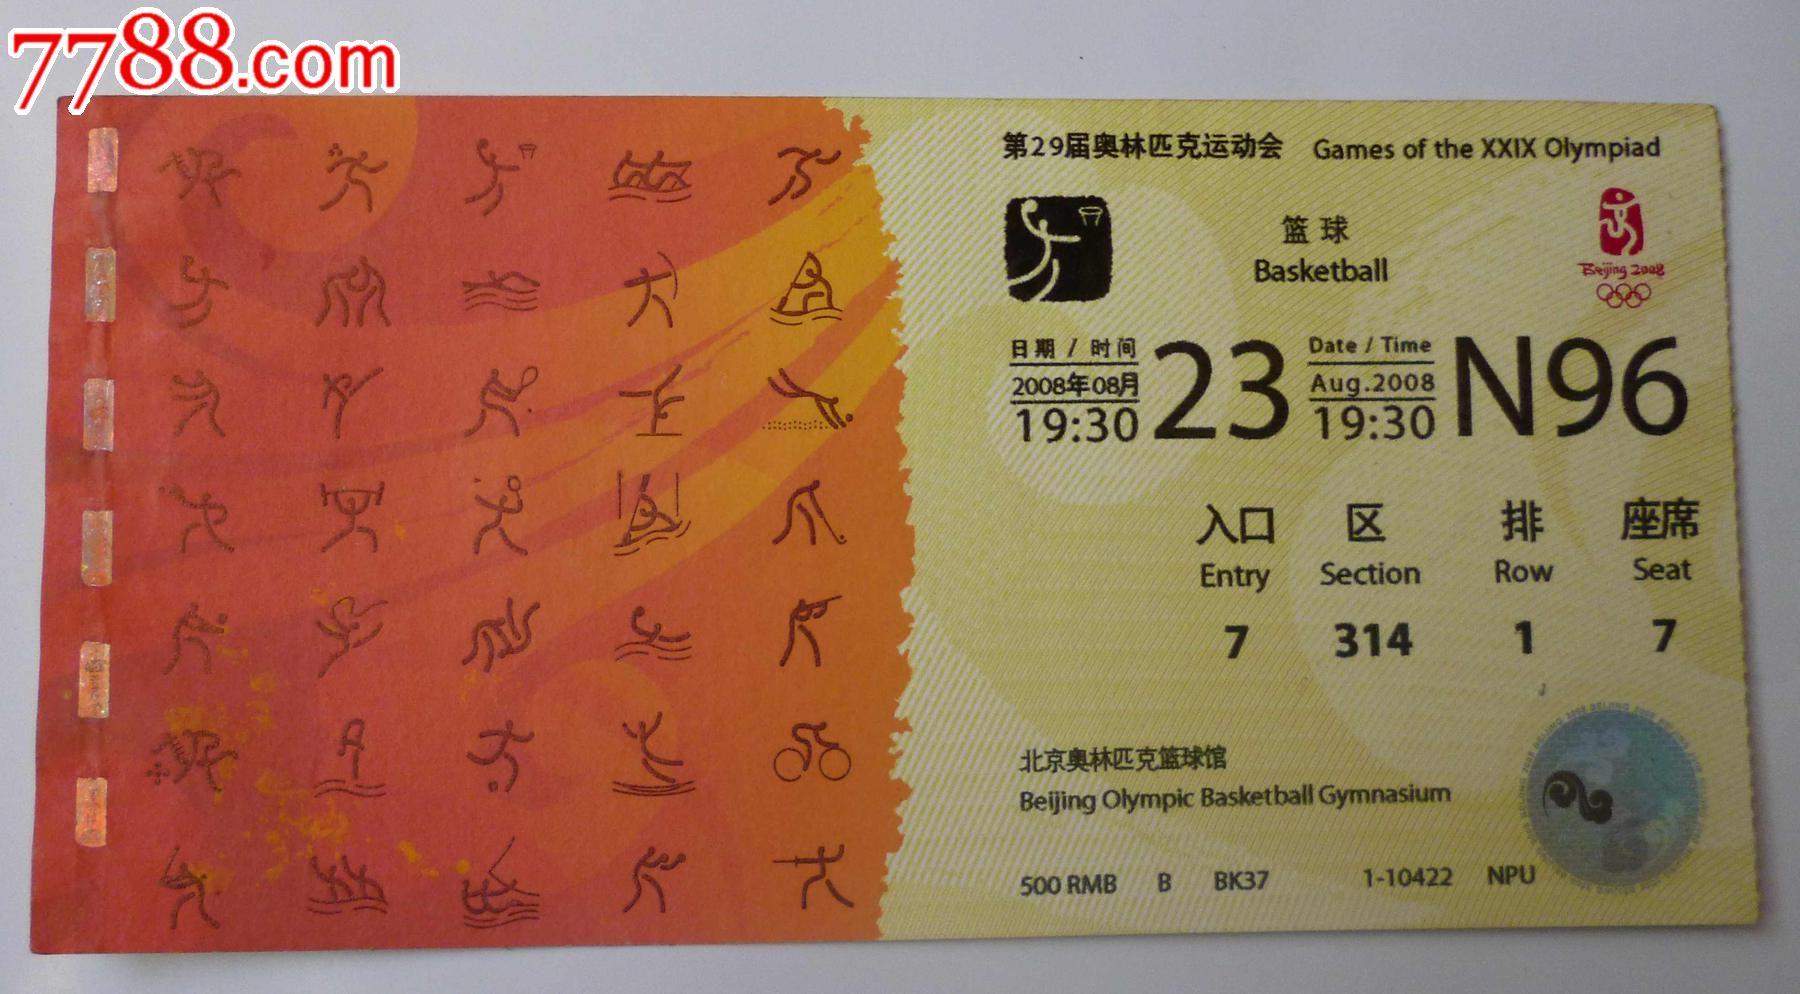 北京奥运会篮球决赛门票(已用)-价格:45元-se2